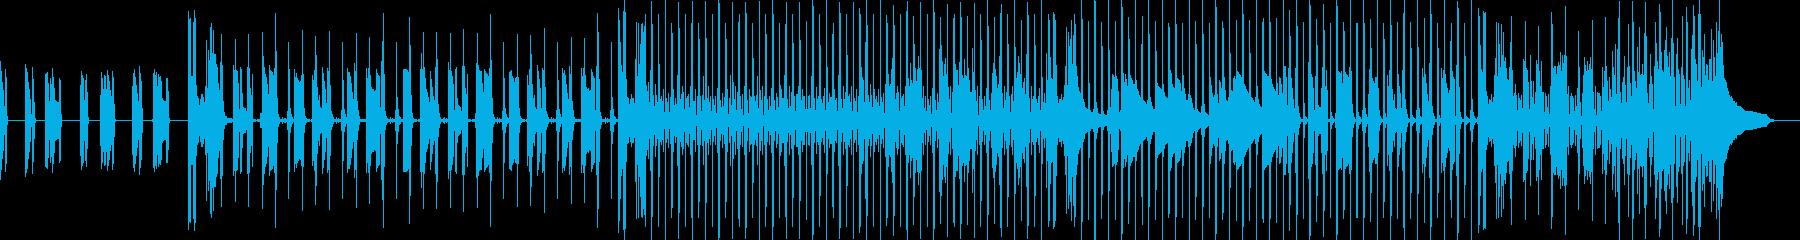 ベースの重低音が響くスローテンポなロックの再生済みの波形